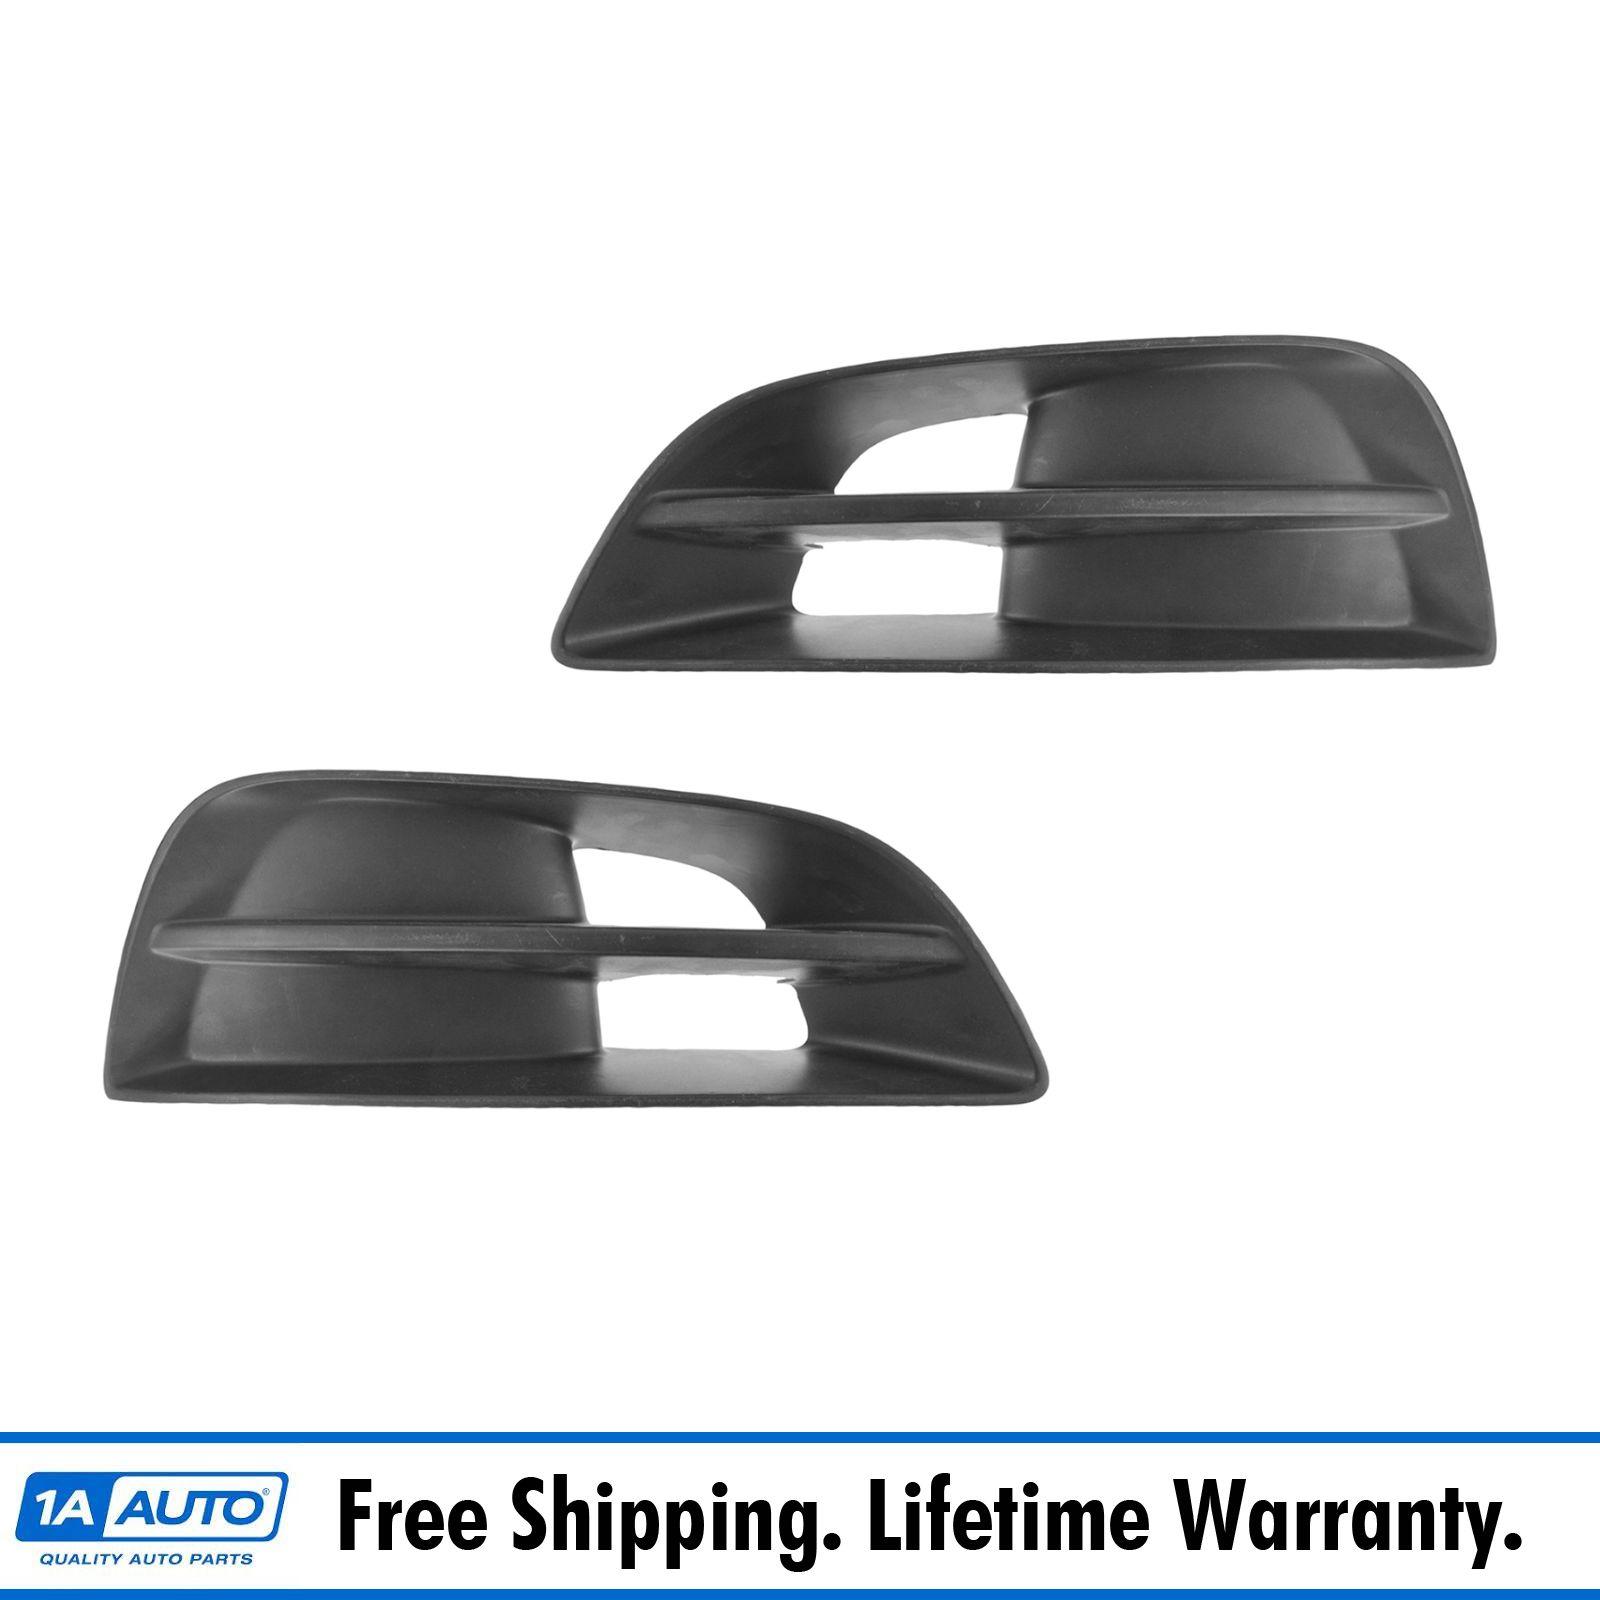 For 2013-2014 Altima Sedan Bumper Insert Fog Light Cover Bezel With Fog Hole Lh